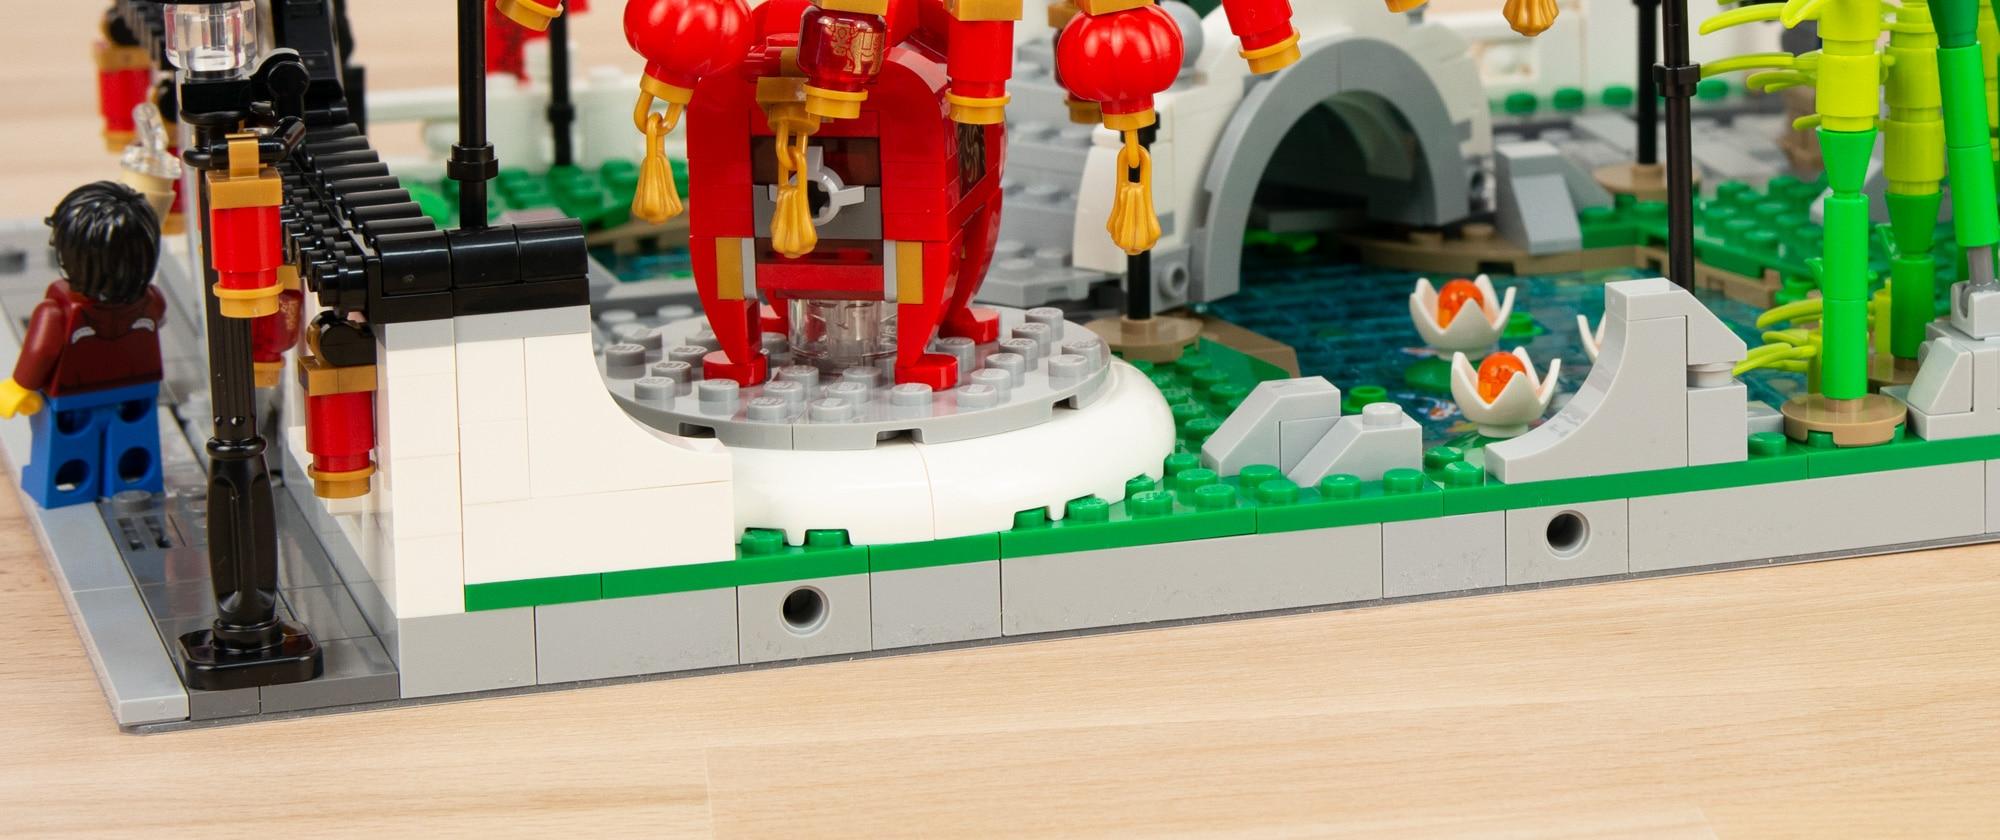 LEGO 80107 Fruehlingslaternenfest Chinesisches Neujahr 87